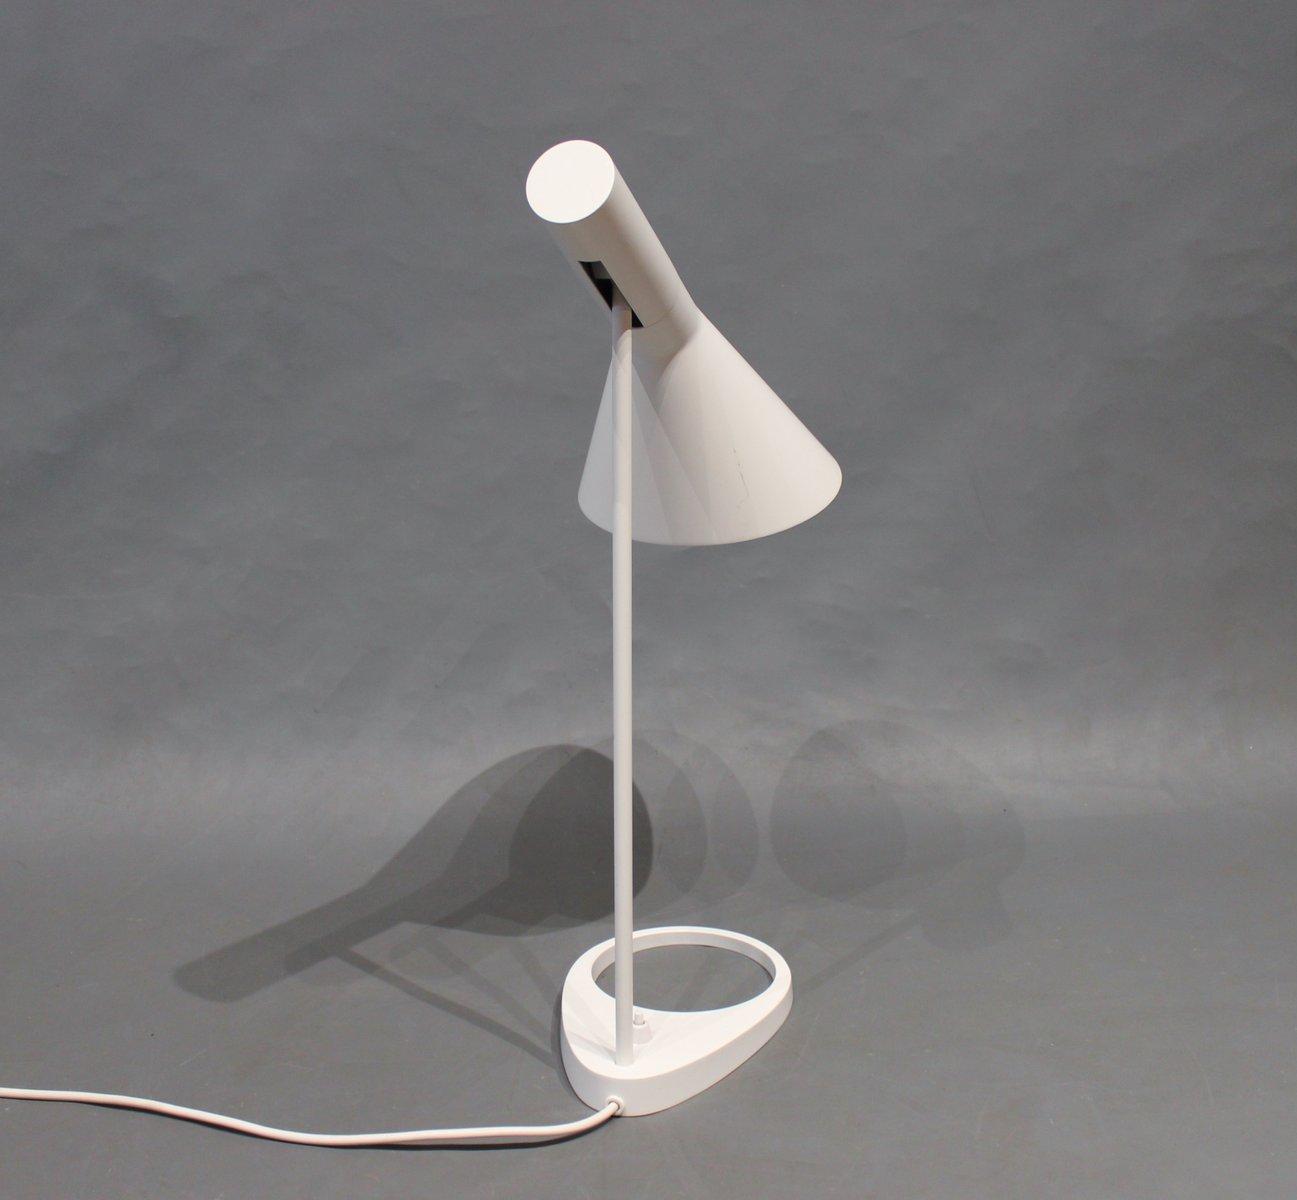 lampe de bureau blanche par arne jacobsen pour louis poulsen 1960s en vente sur pamono. Black Bedroom Furniture Sets. Home Design Ideas